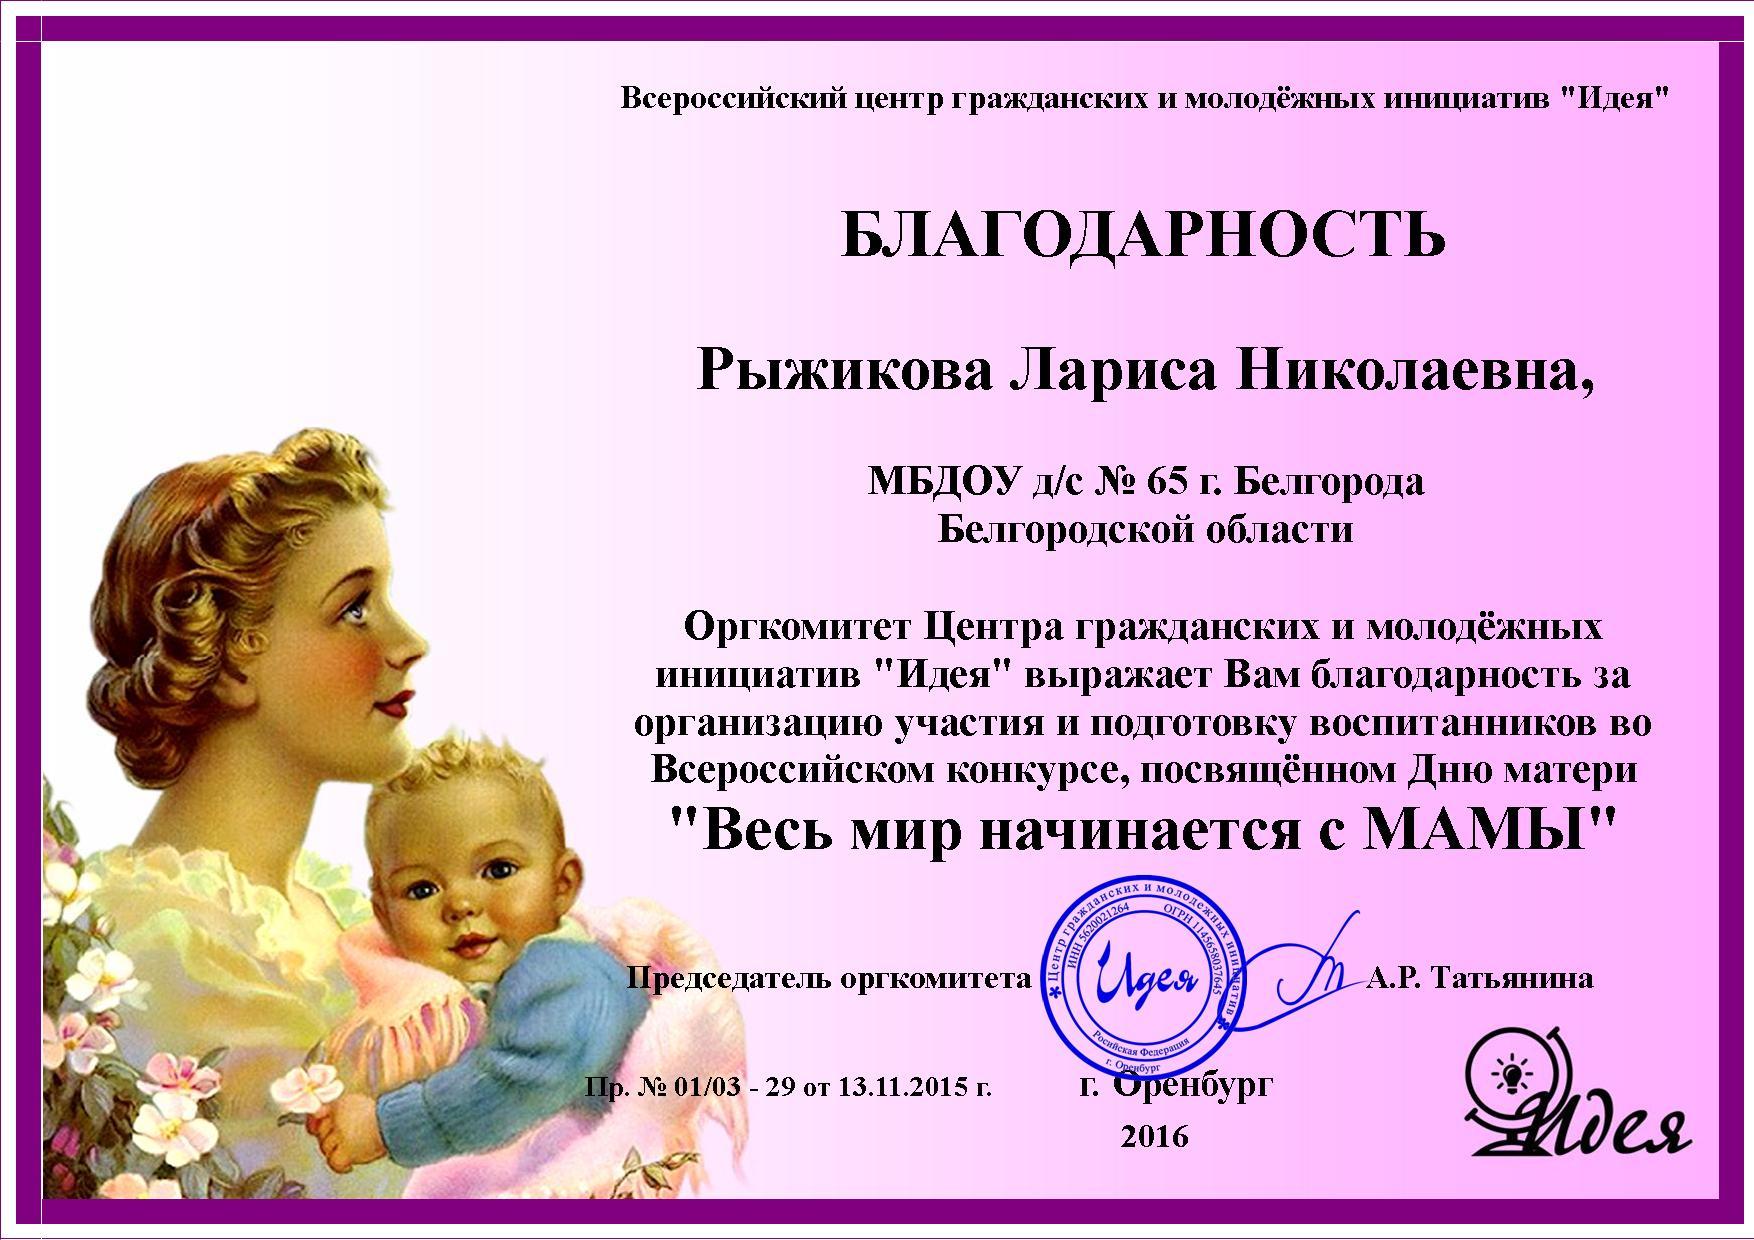 Благодарственное письмо-Рыжикова Лариса Николаевна-64611